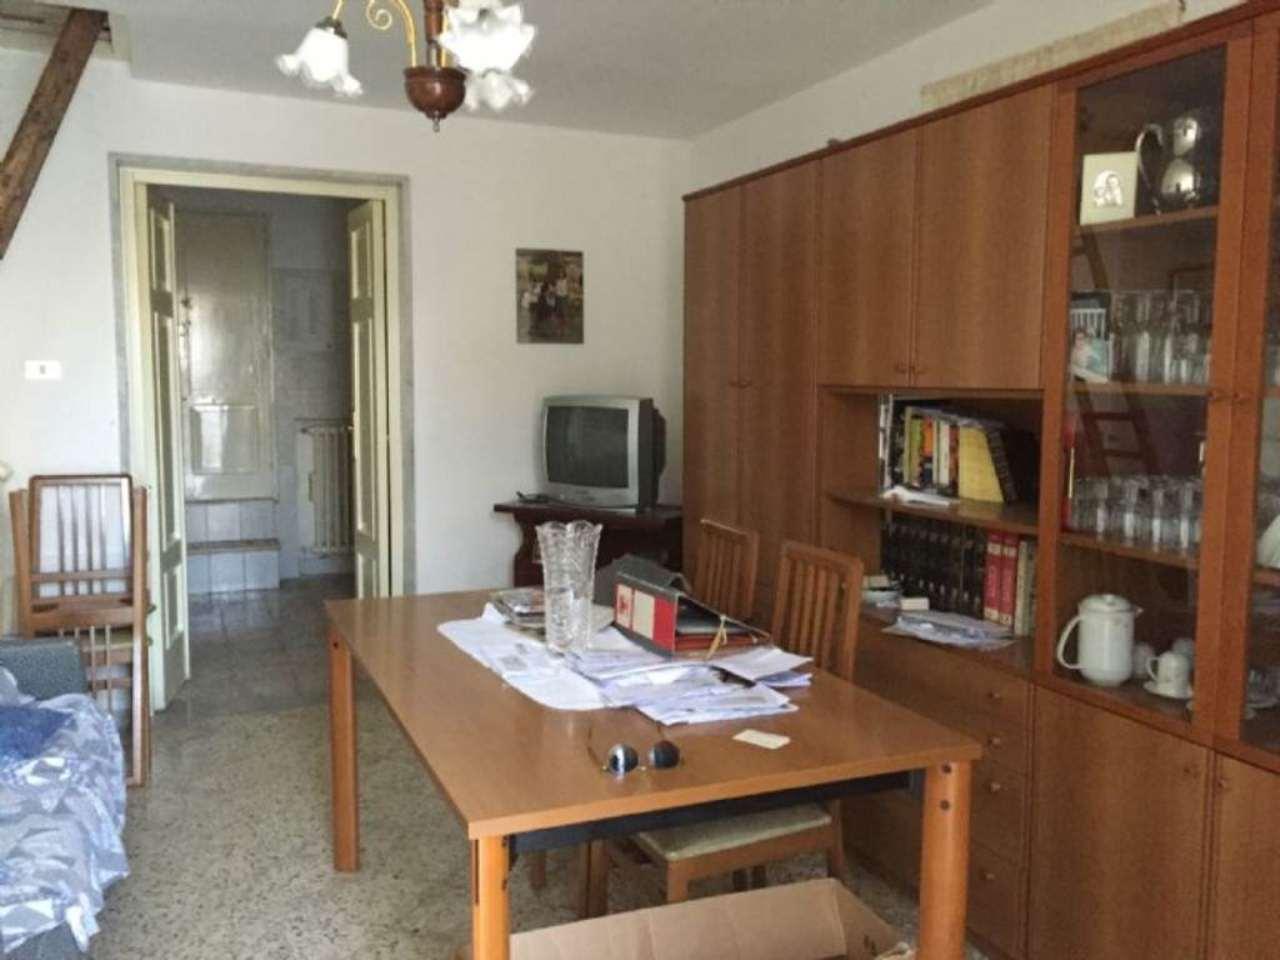 Soluzione Indipendente in vendita a Modugno, 4 locali, prezzo € 235.000 | Cambio Casa.it